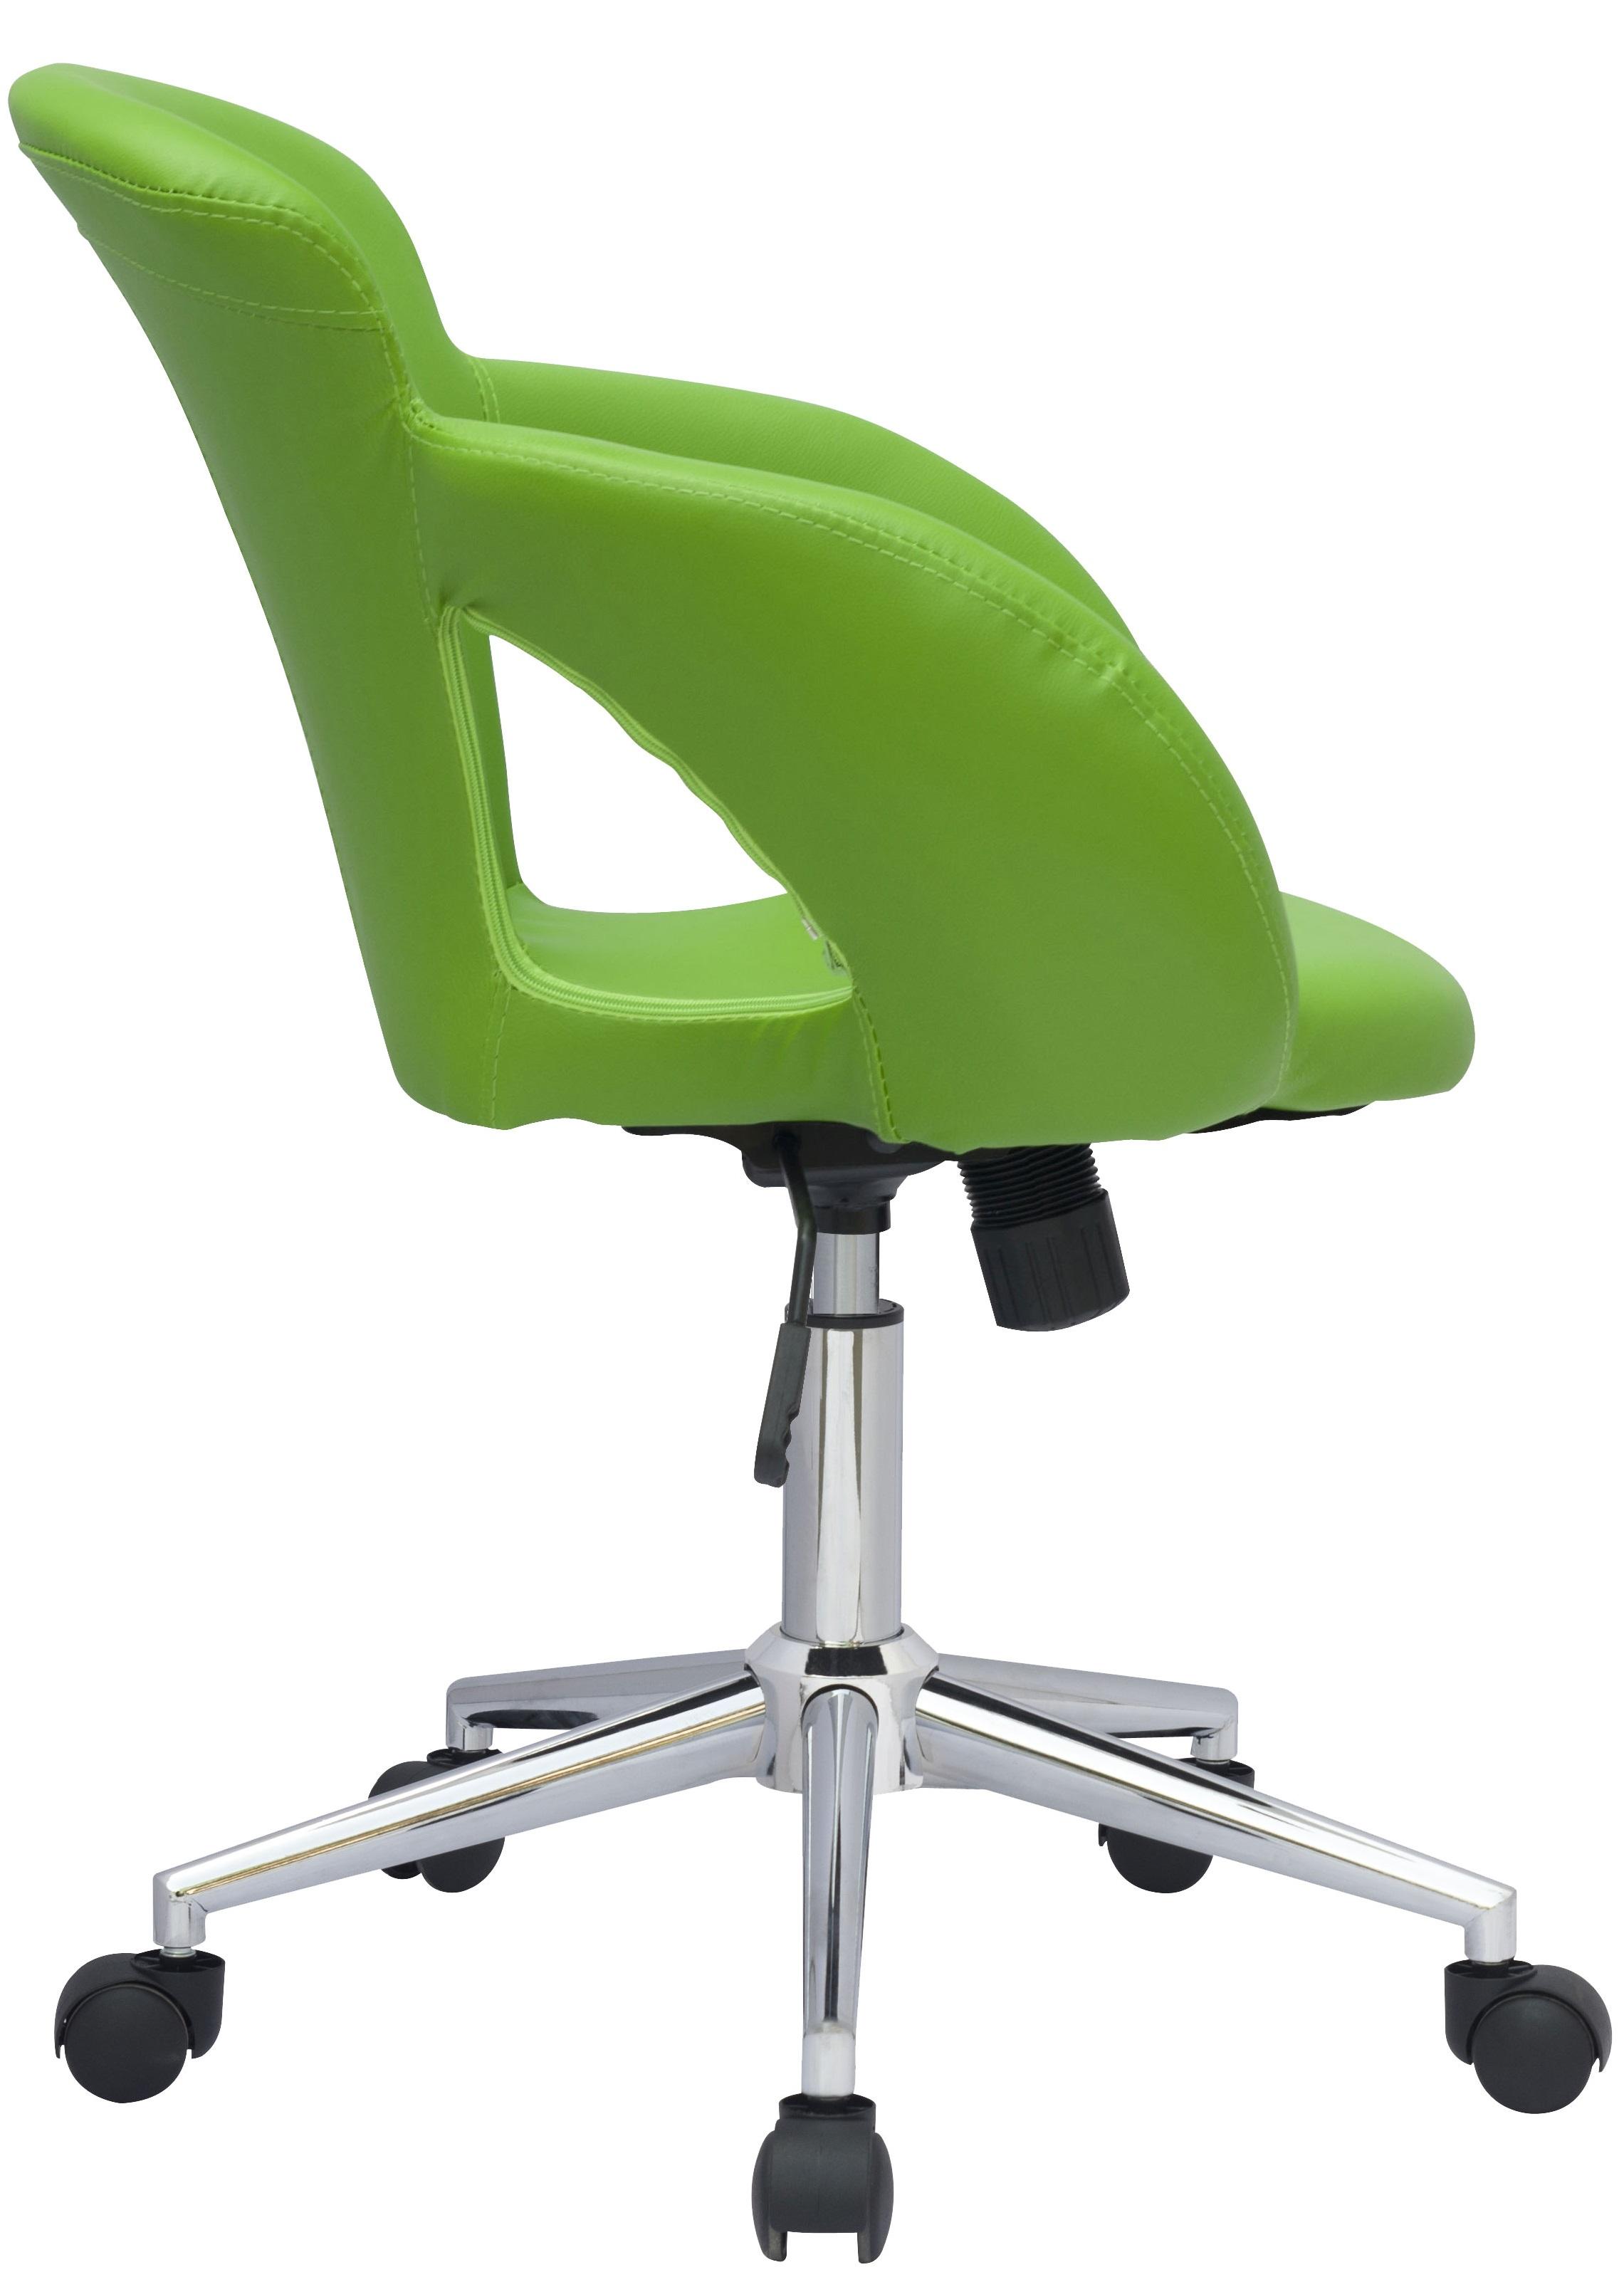 SixBros-Buerostuhl-Drehstuhl-Schreibtischstuhl-Kunstleder-Stoff-Farbe-Auswahl Indexbild 8